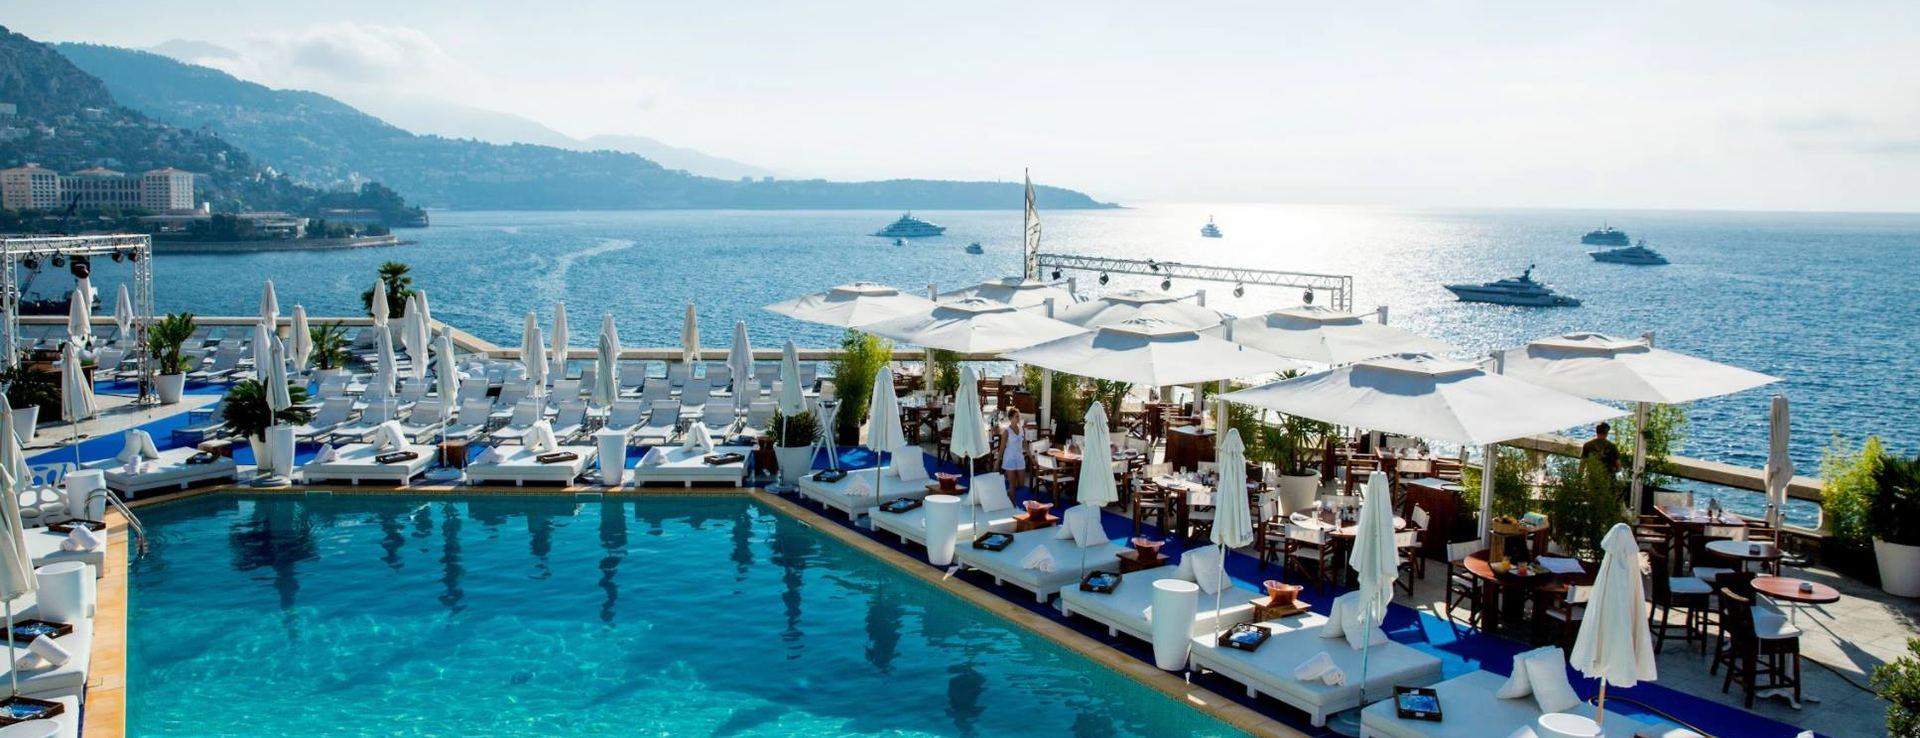 Nikki Beach, Monte-Carlo Image 1